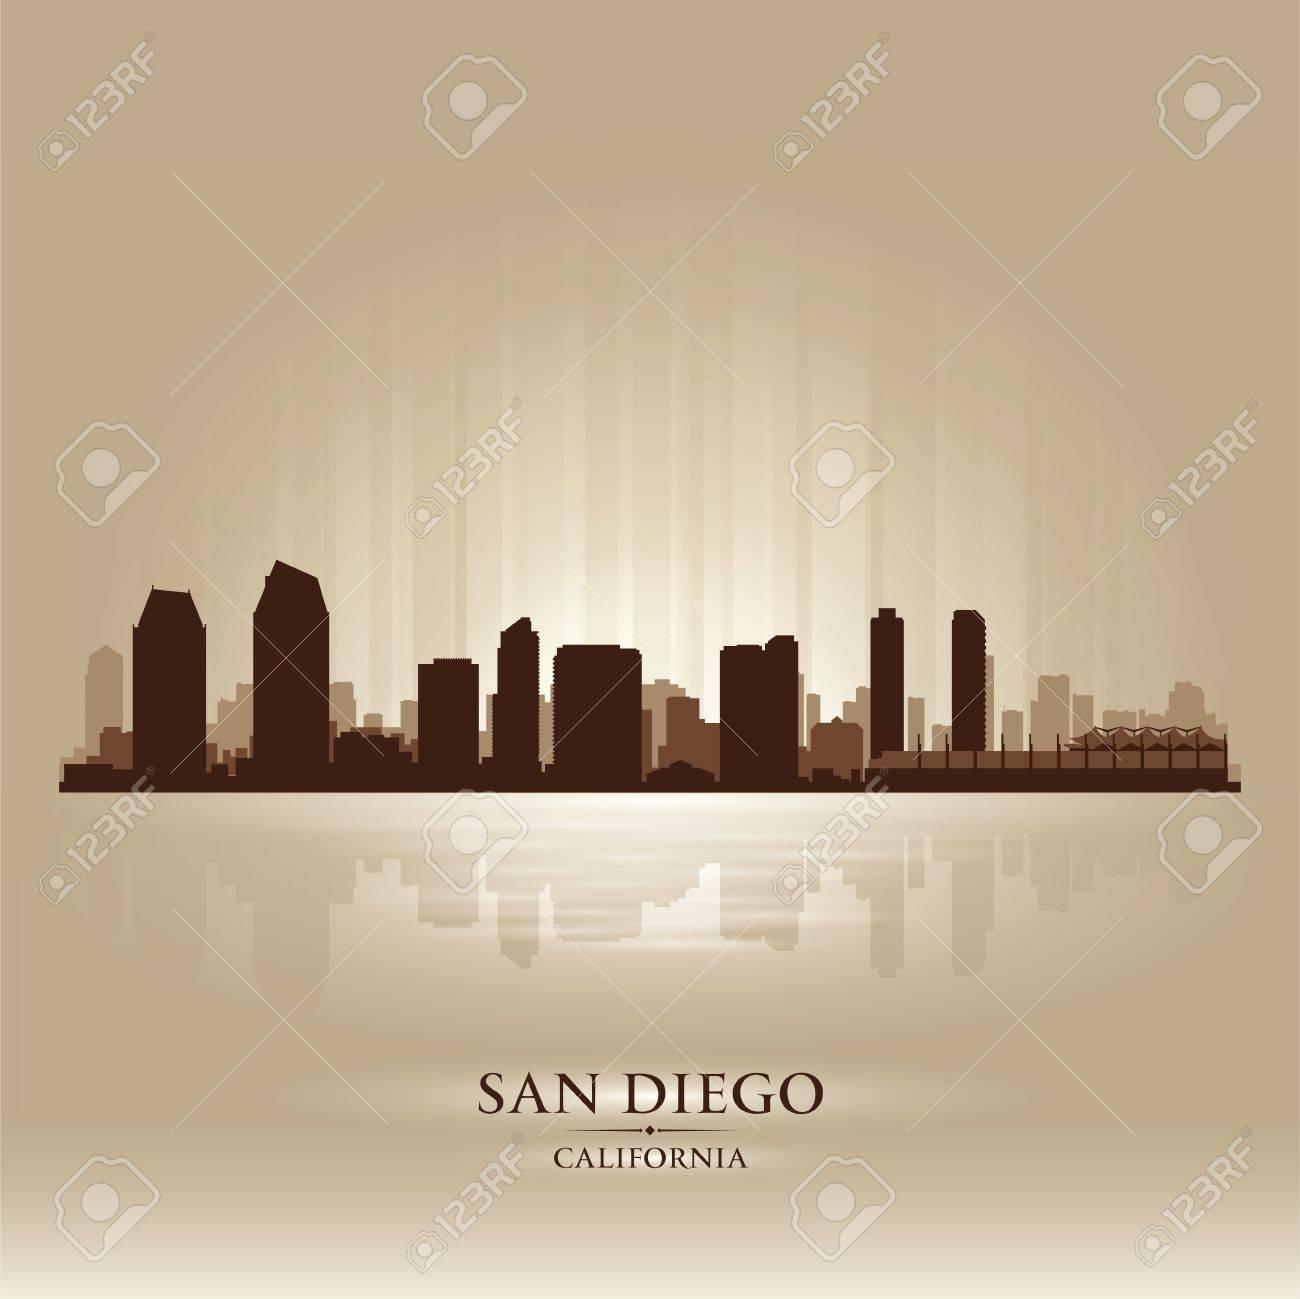 San Diego California skyline city silhouette Stock Vector - 18069565